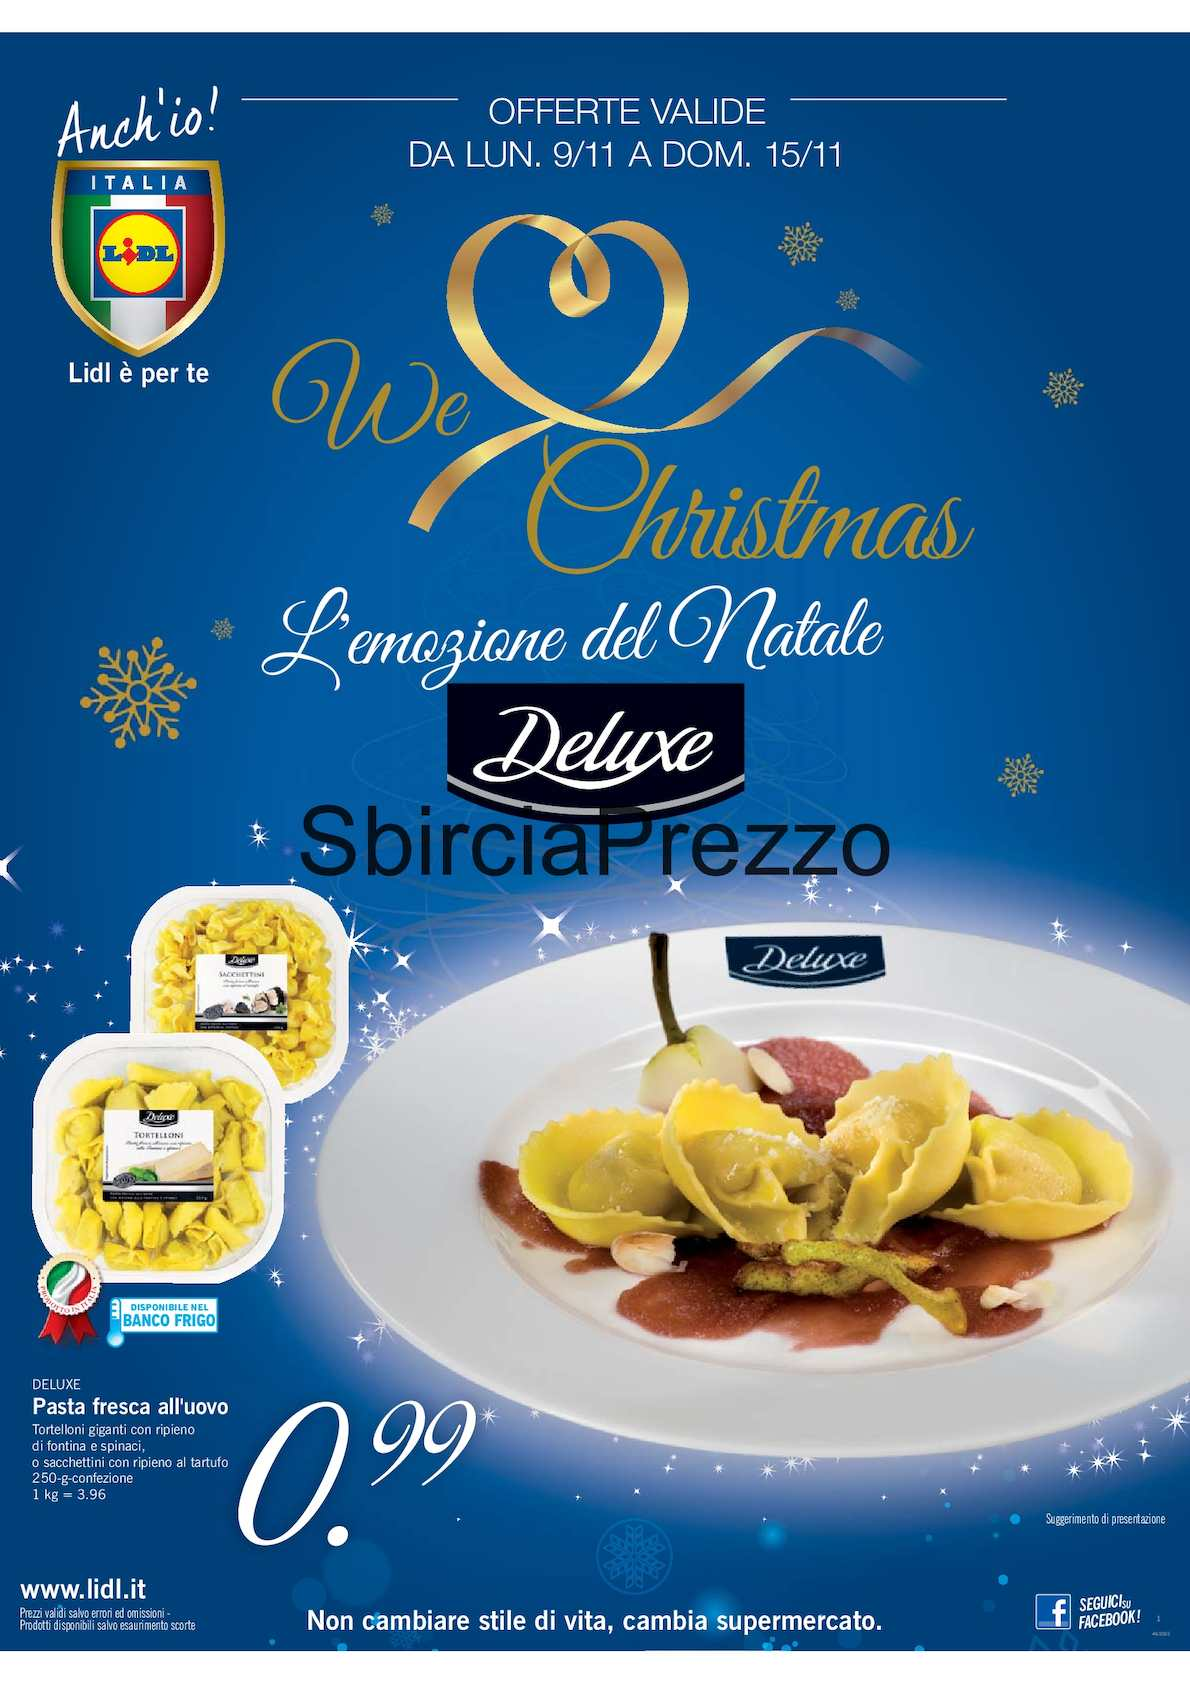 Calameo Volantino Lidl We Love Christmas L Emozione Del Natale